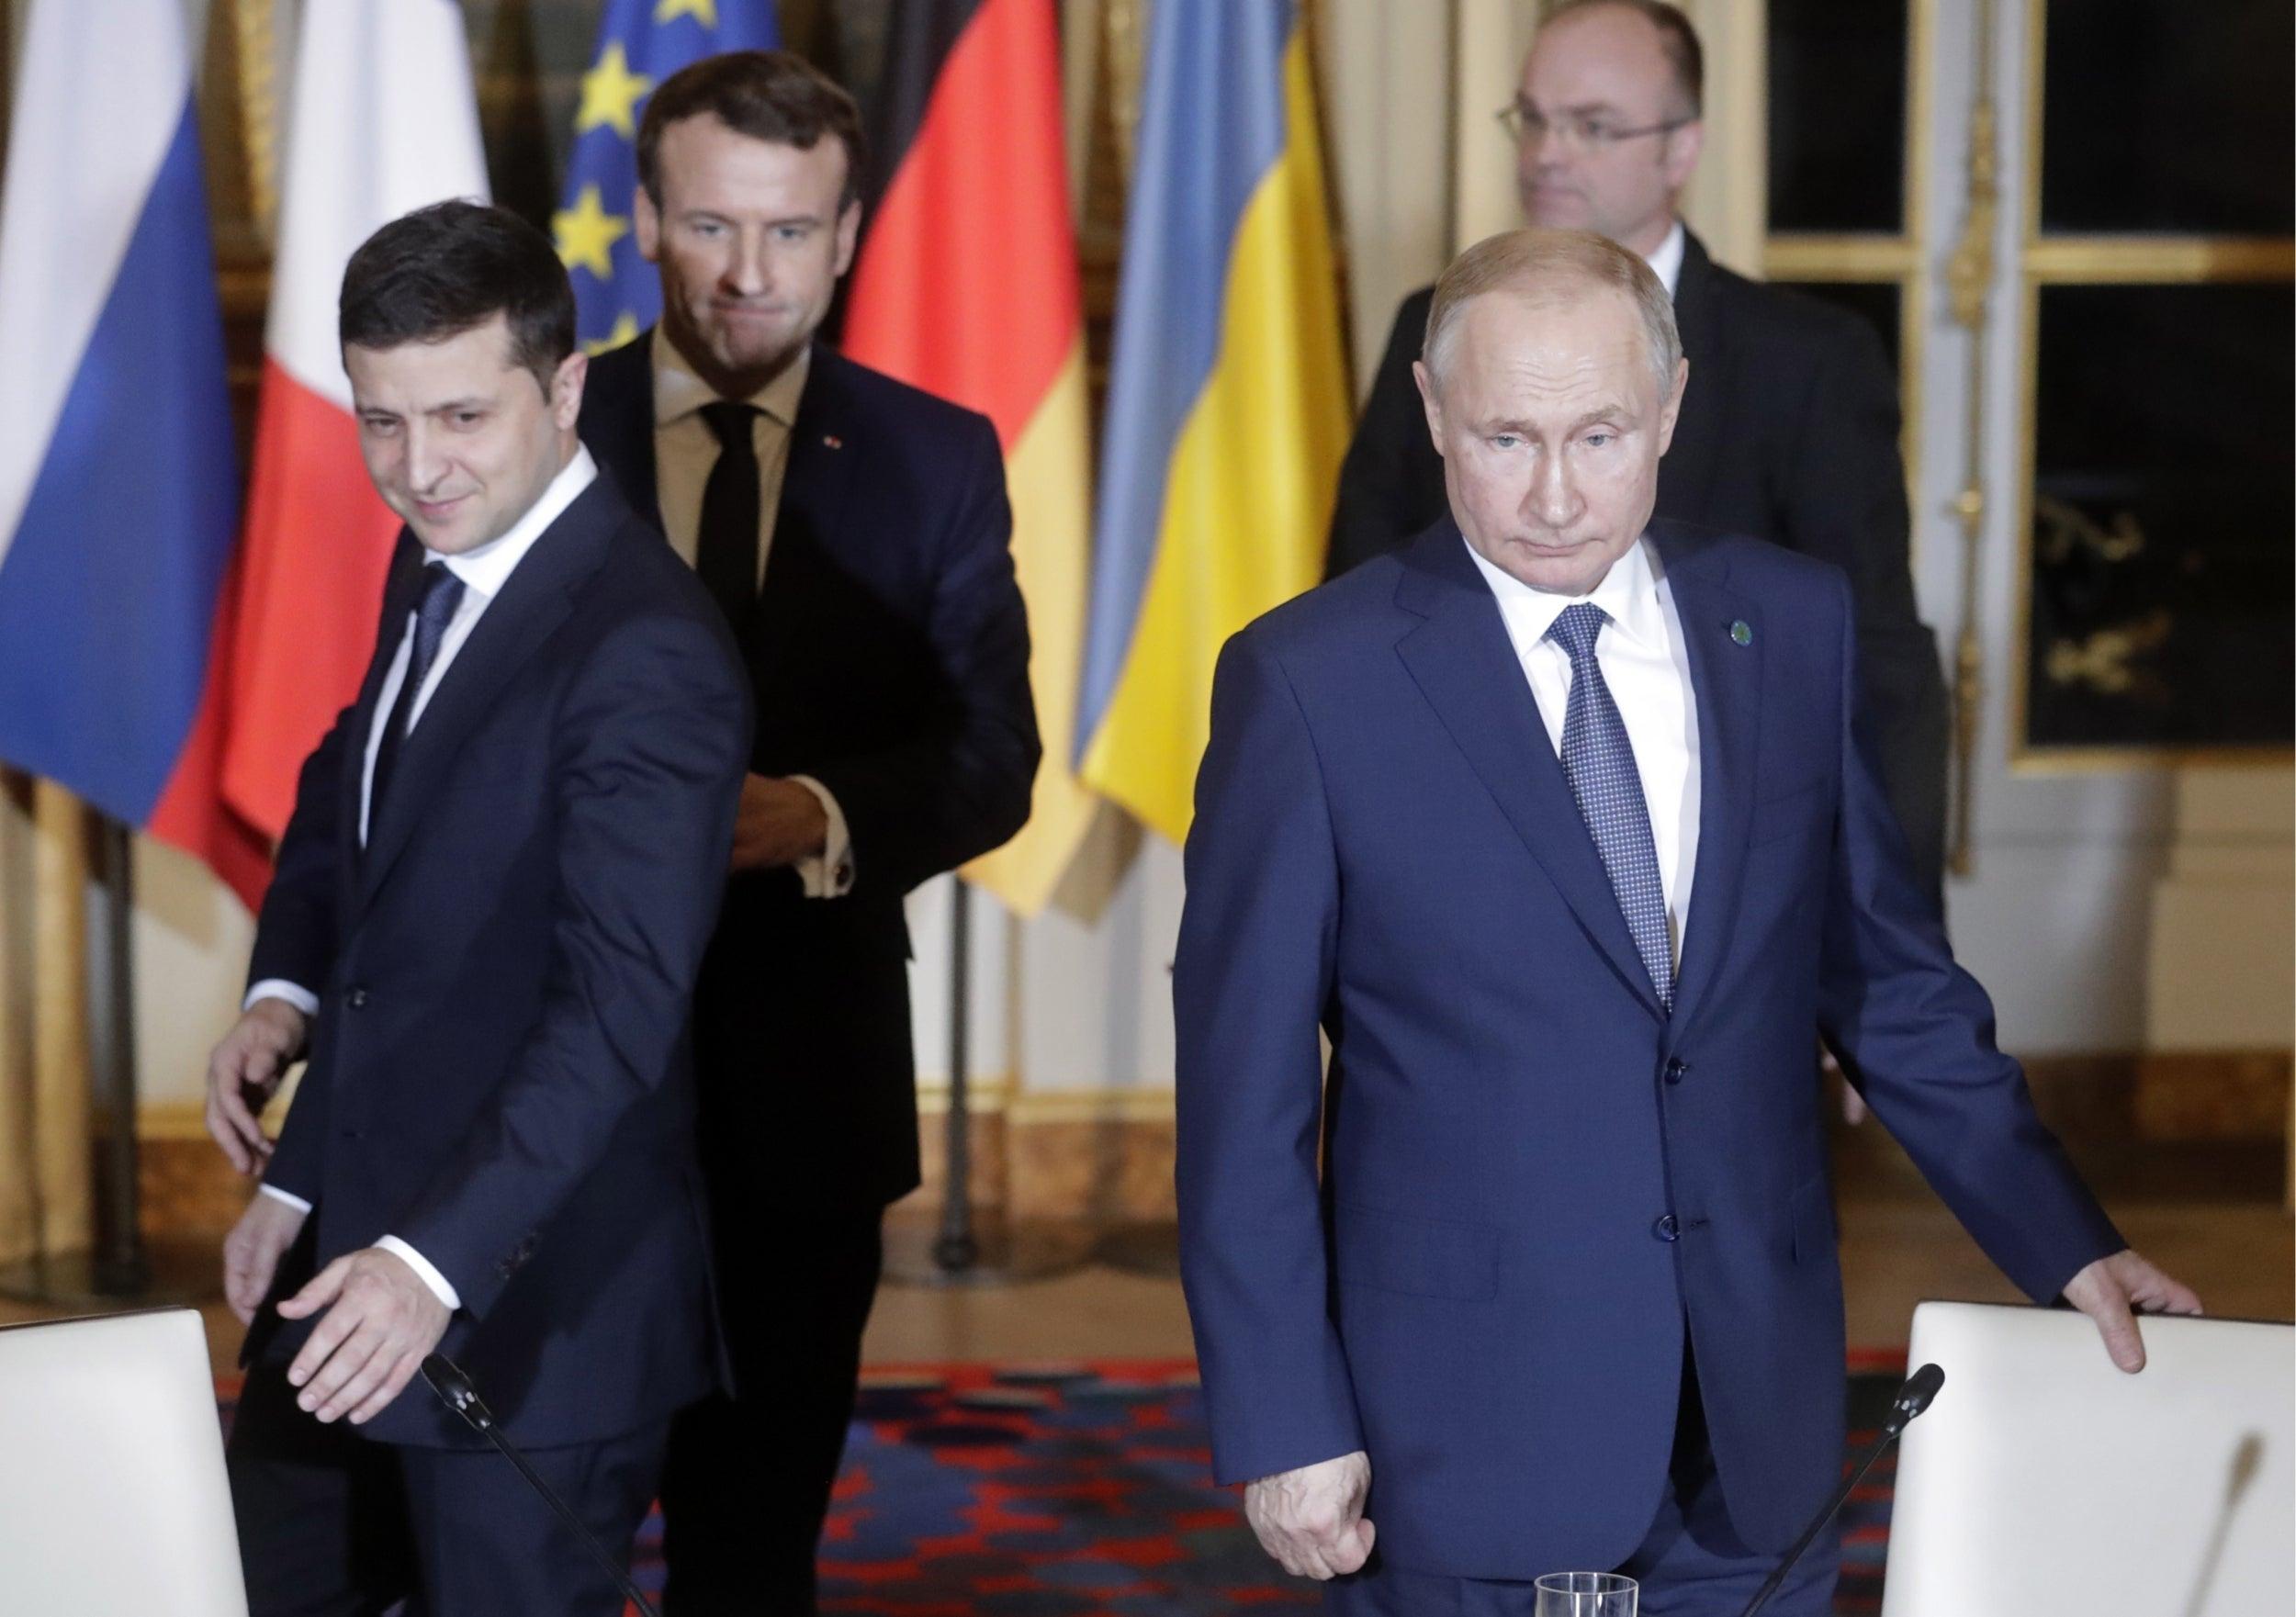 Кремль направил Киеву предложение провести встречу Путина и Зеленского - российские СМИ